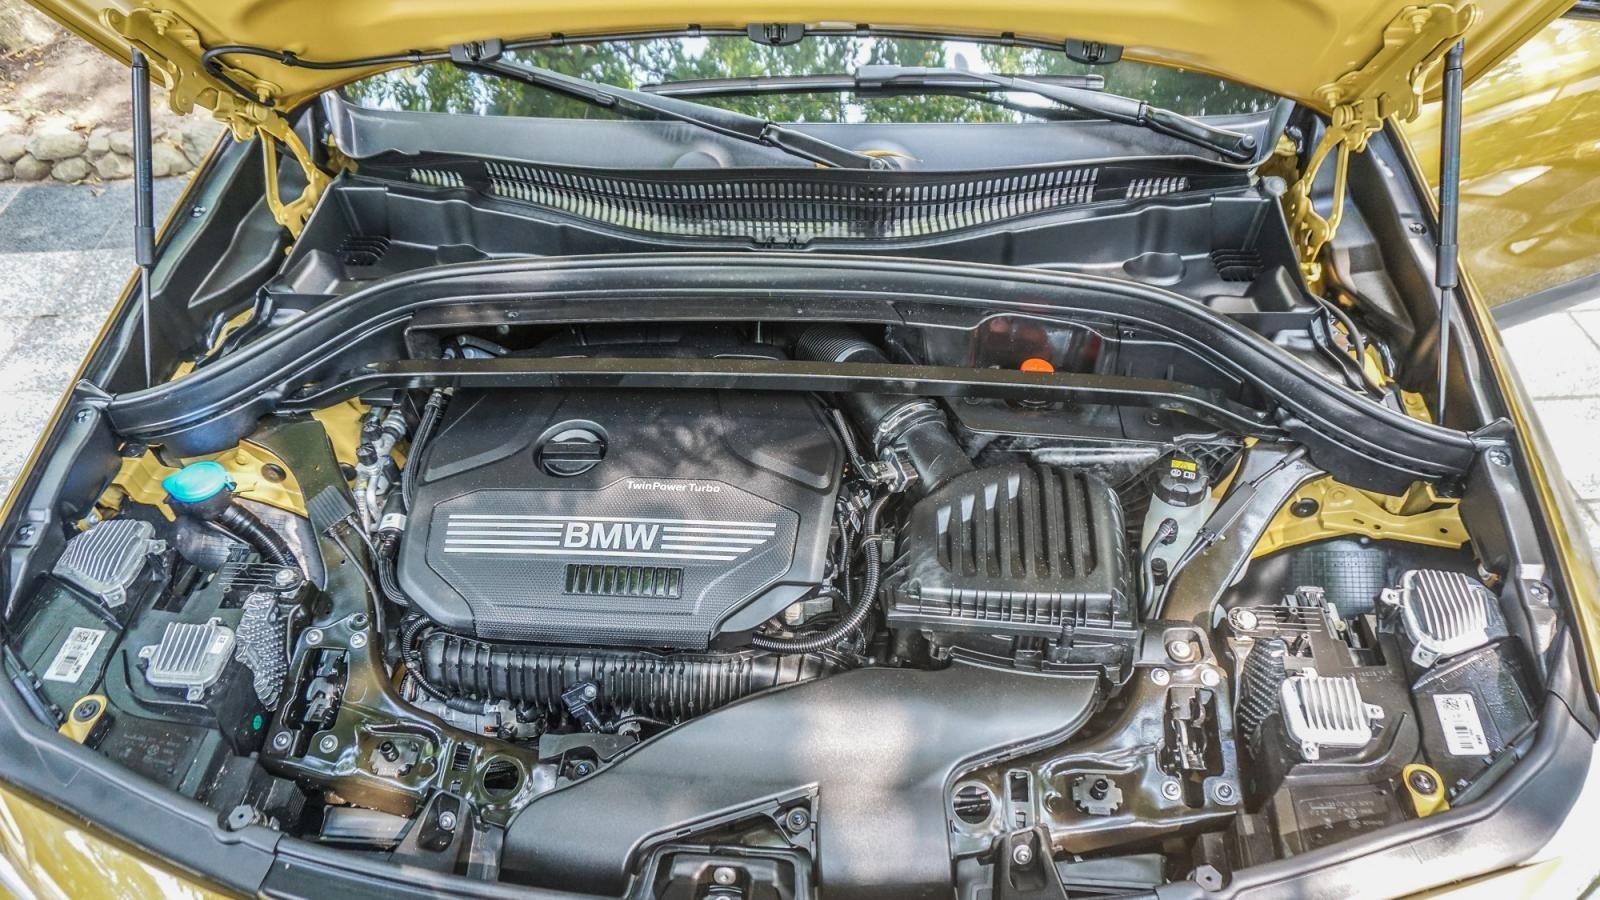 So sánh xe BMW X2 2019 và Mercedes-Benz GLA Class 2019 về vận hành: GLA mạnh mẽ hơn.